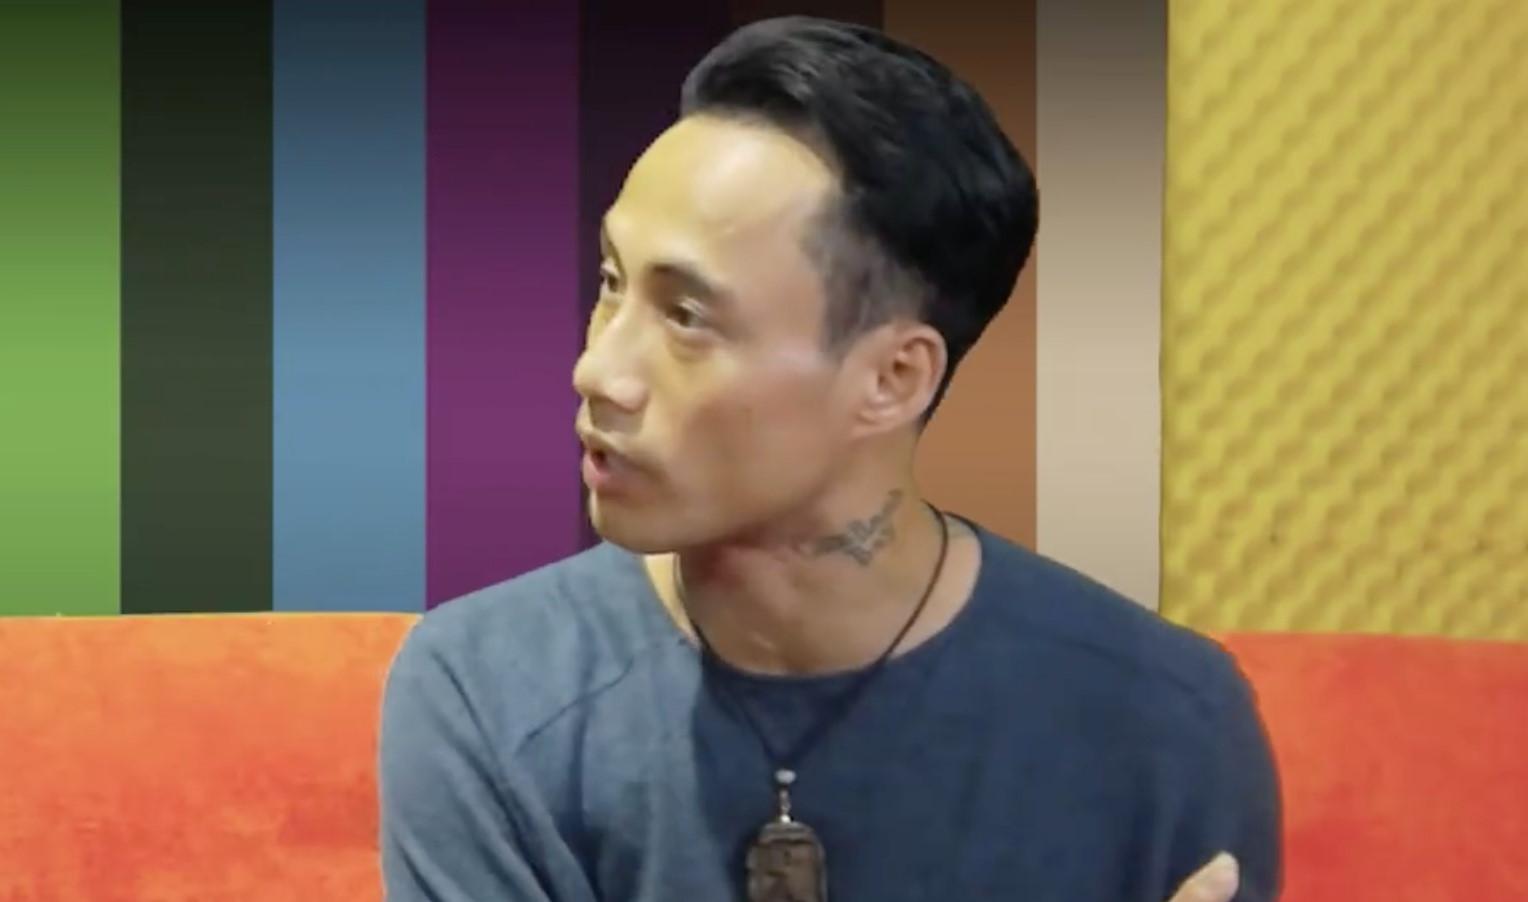 """Phạm Anh Khoa: """"Ở showbiz, vỗ mông nhau cũng là cách chào hỏi"""""""